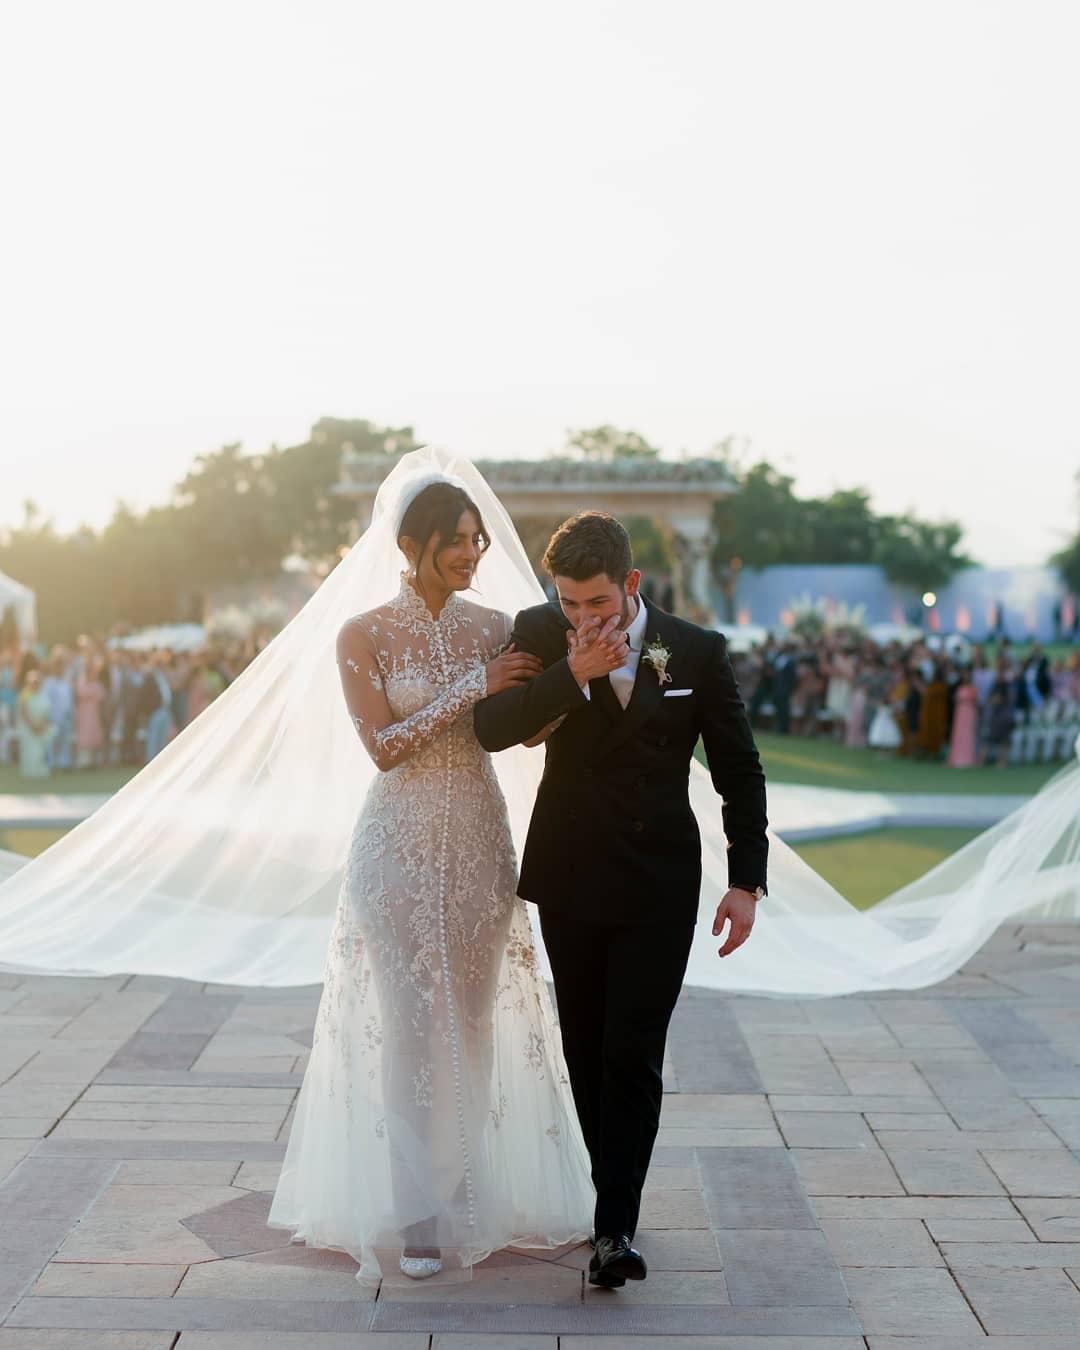 بريانكا فى حفل الزفاف على الطريقة الغربية